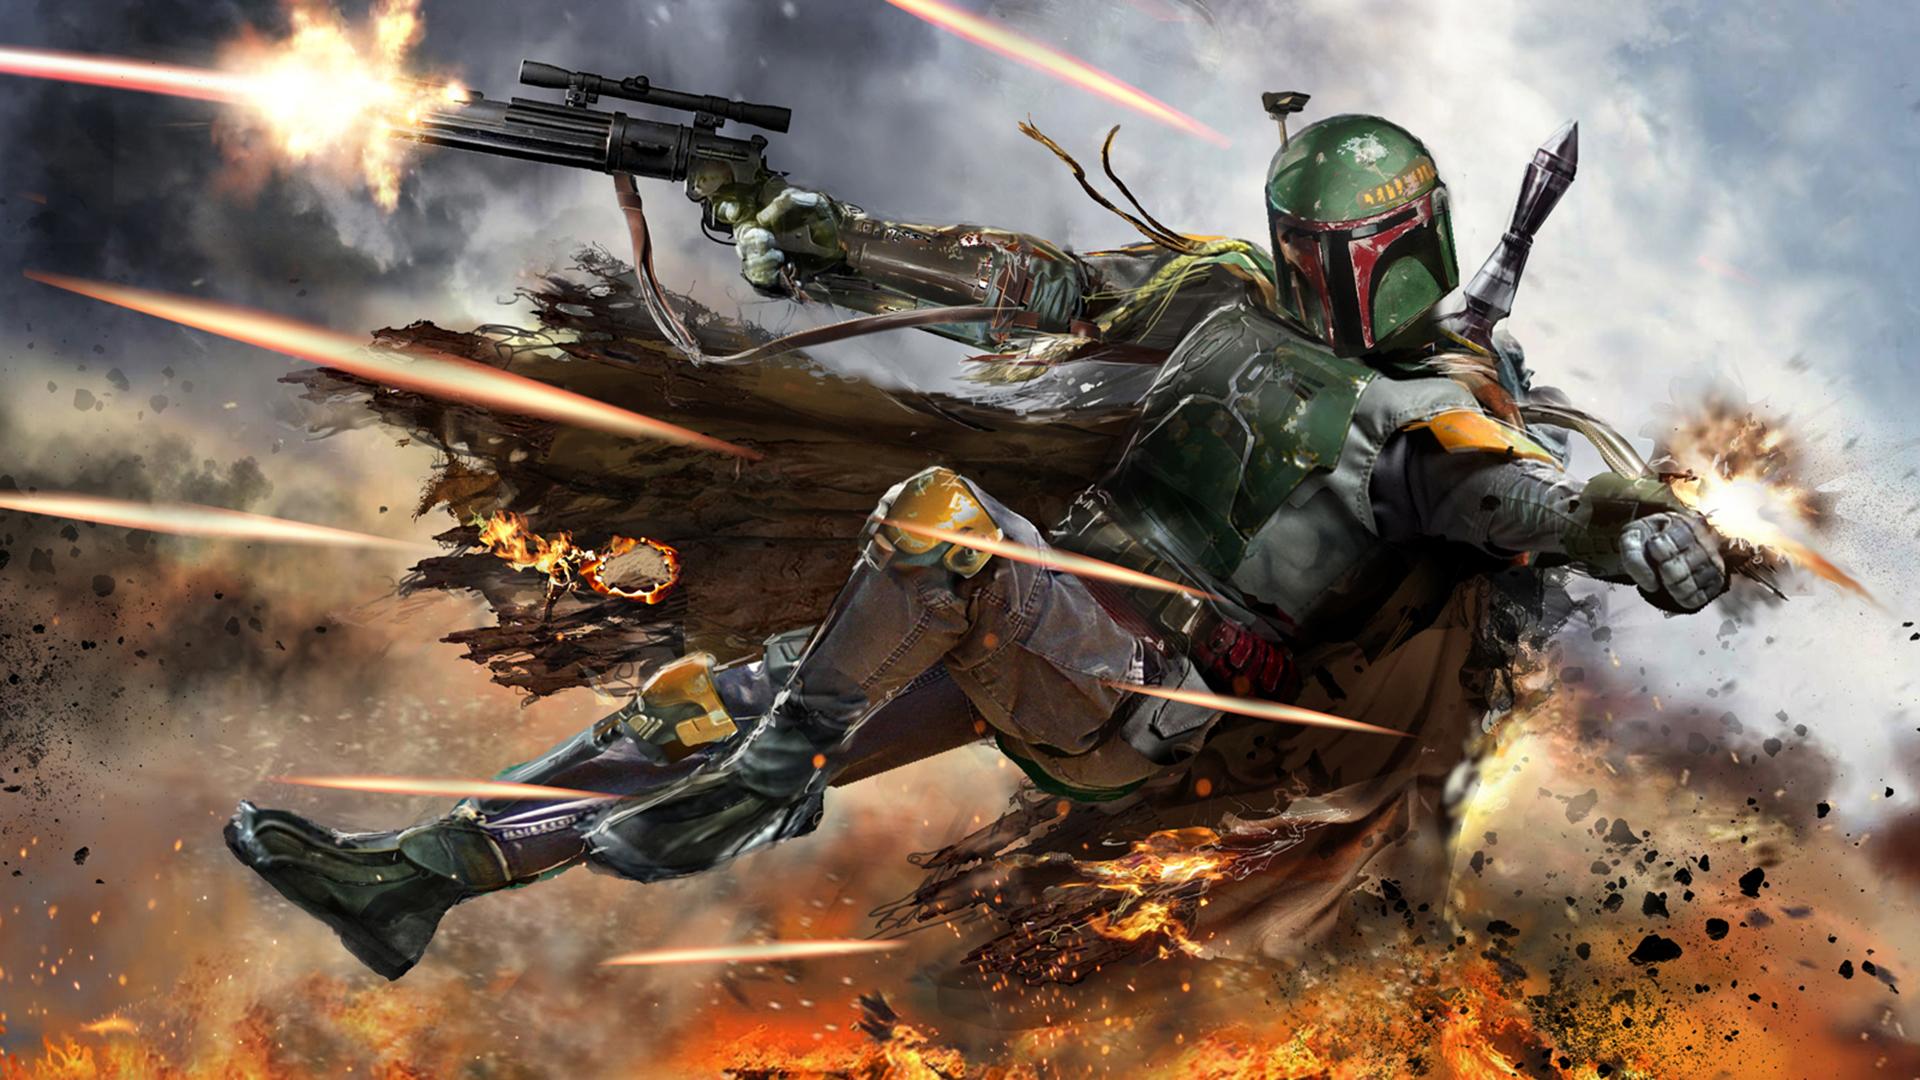 Wallpapers Rifles Soldiers Star Wars: Episode II Boba Fett, bounty